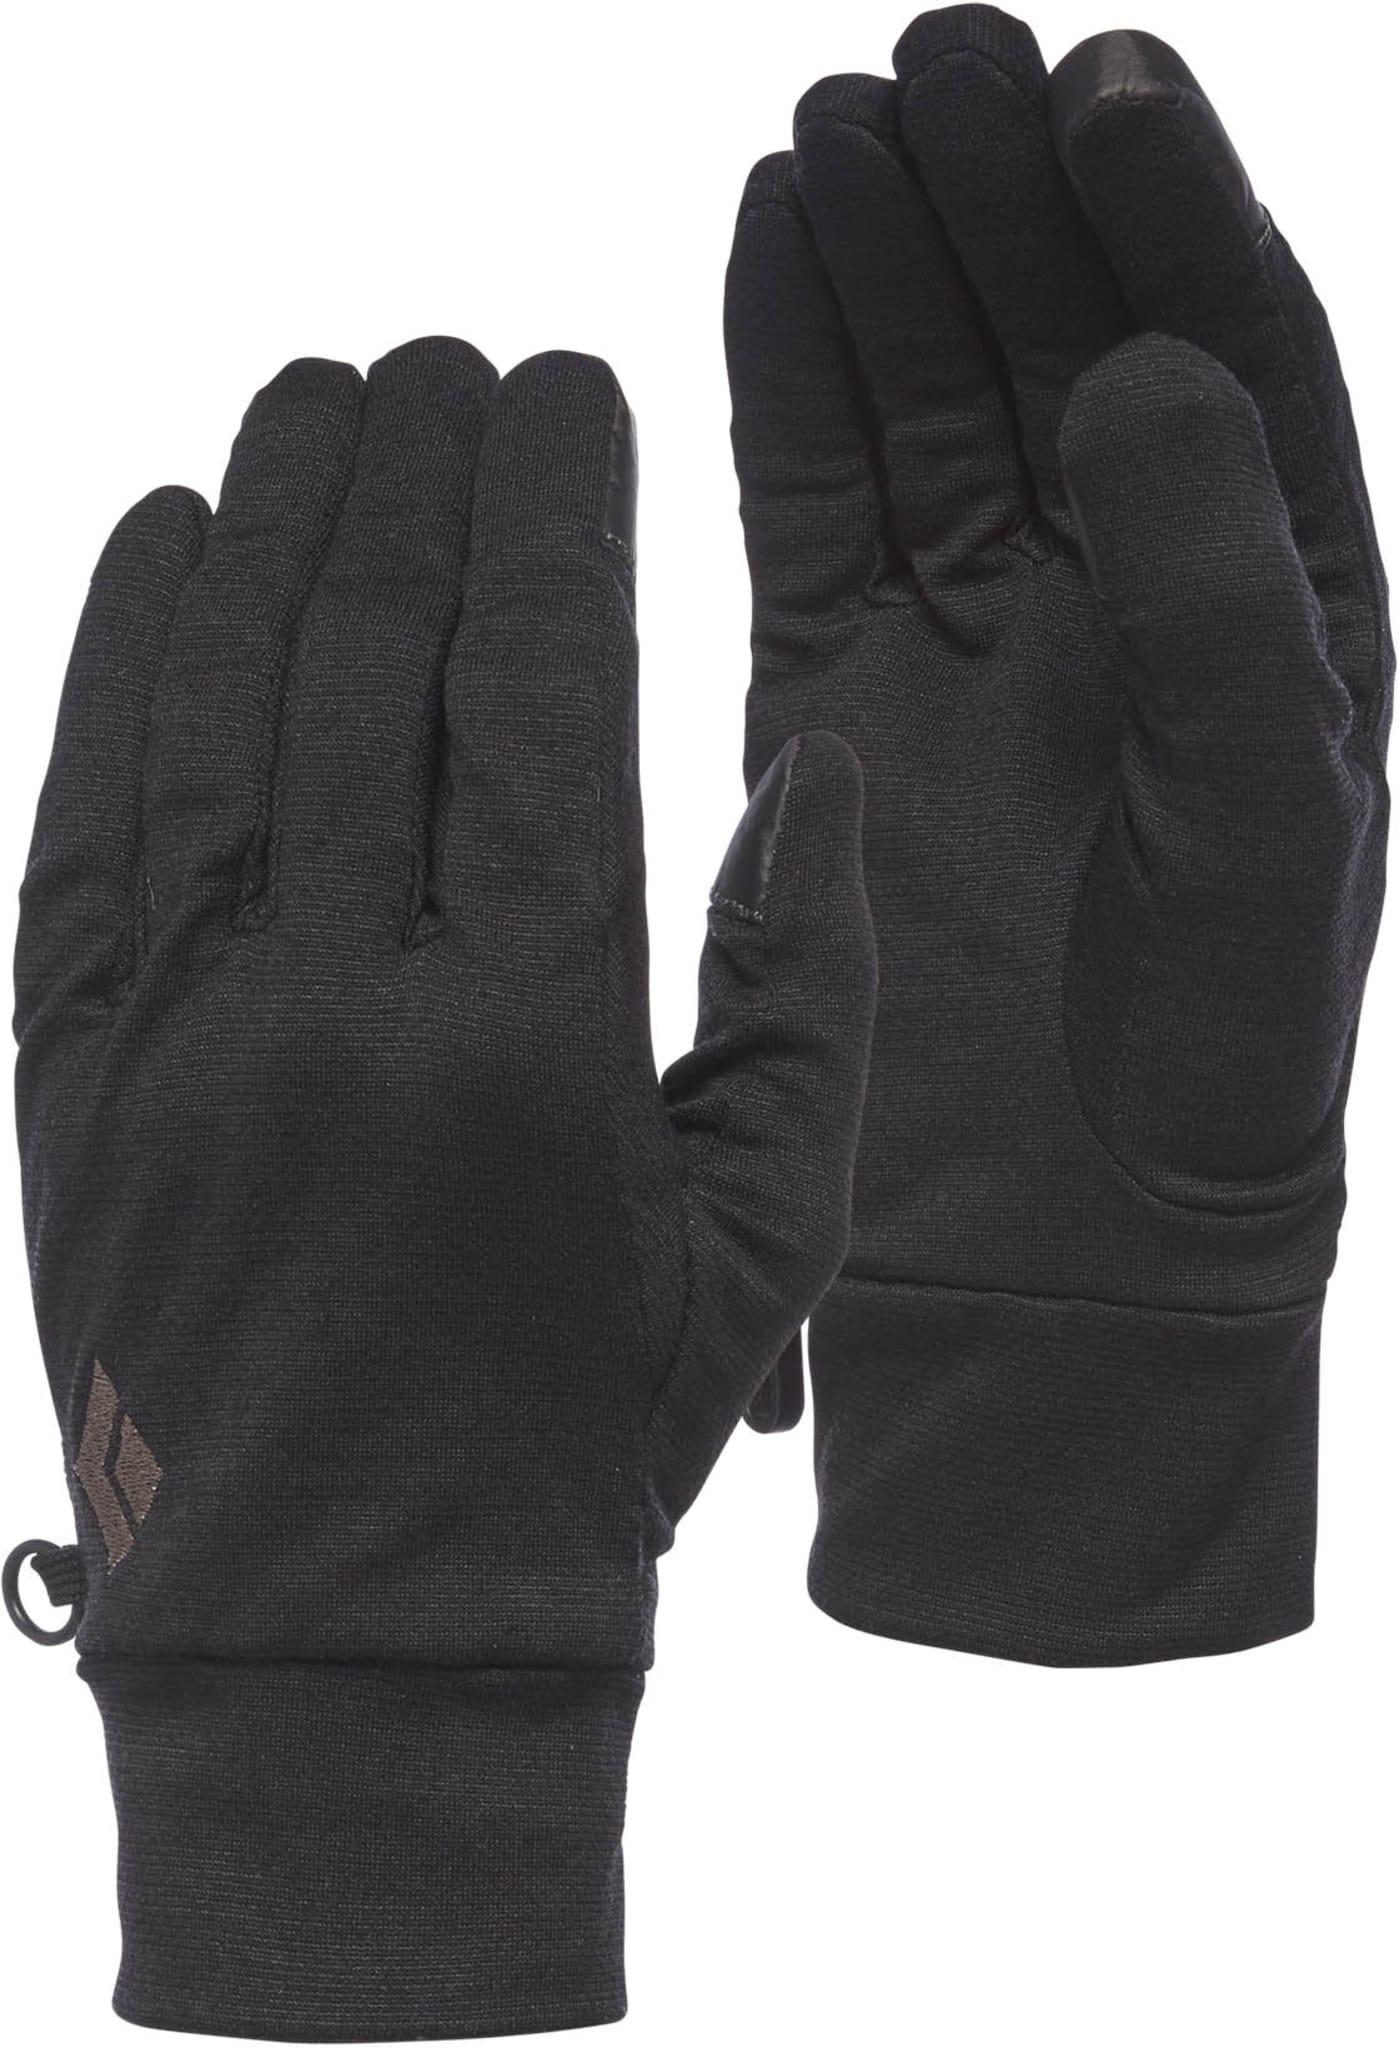 Lette og pustende hansker i merinoull og fleece